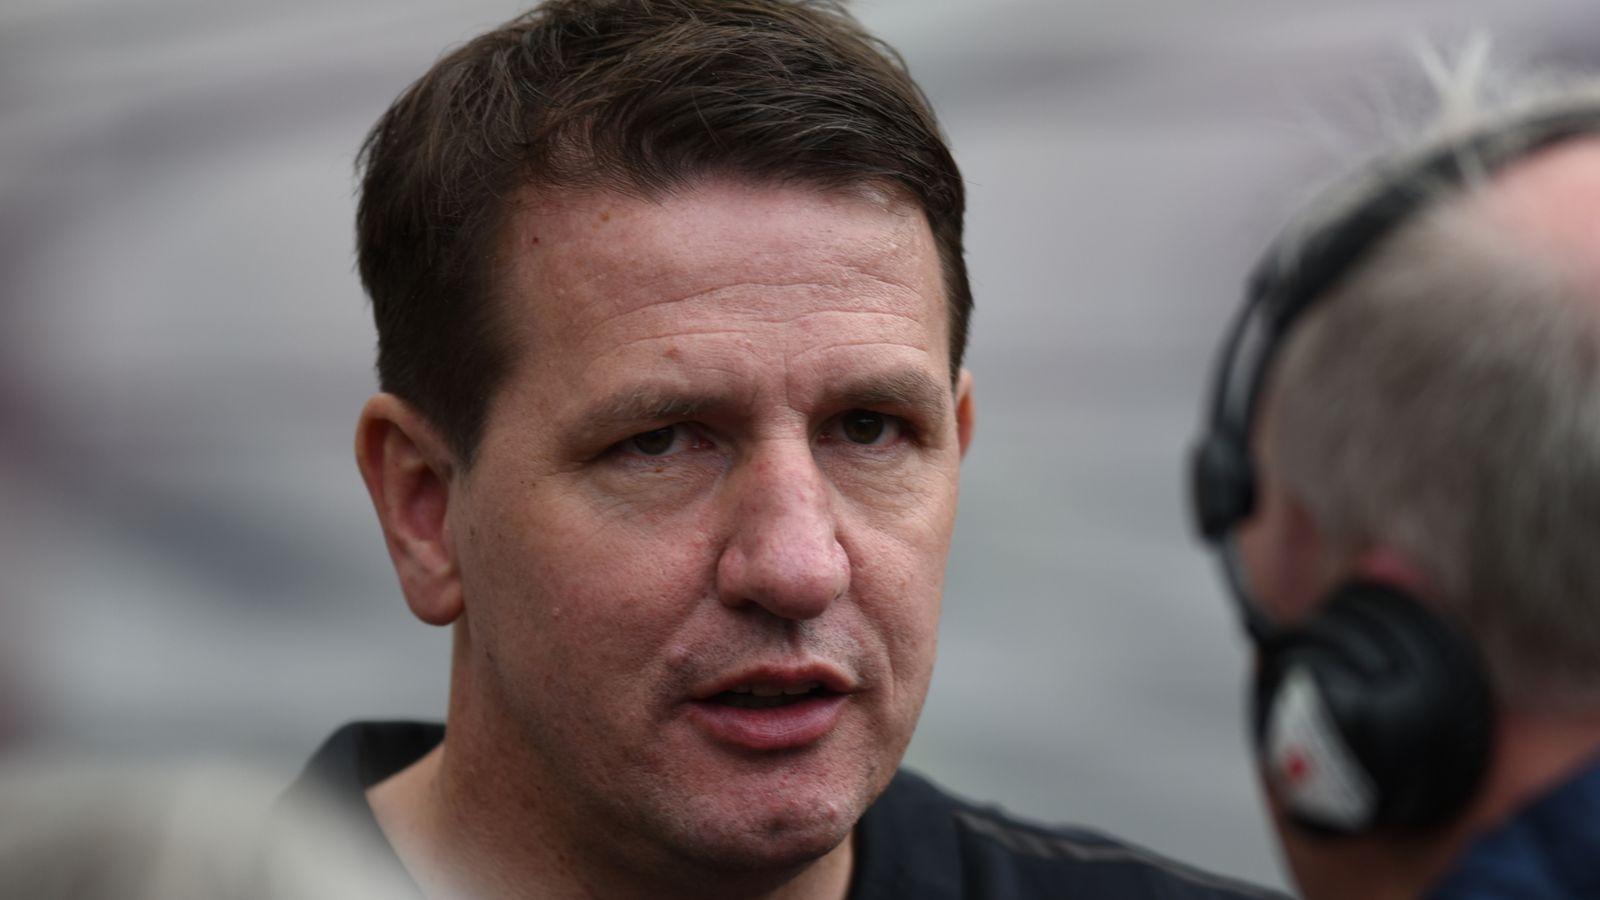 Daniel Stendel pide un compromiso en el enfrentamiento de recortes salariales de Hearts entre jugadores y propietario | Noticias de futbol 4